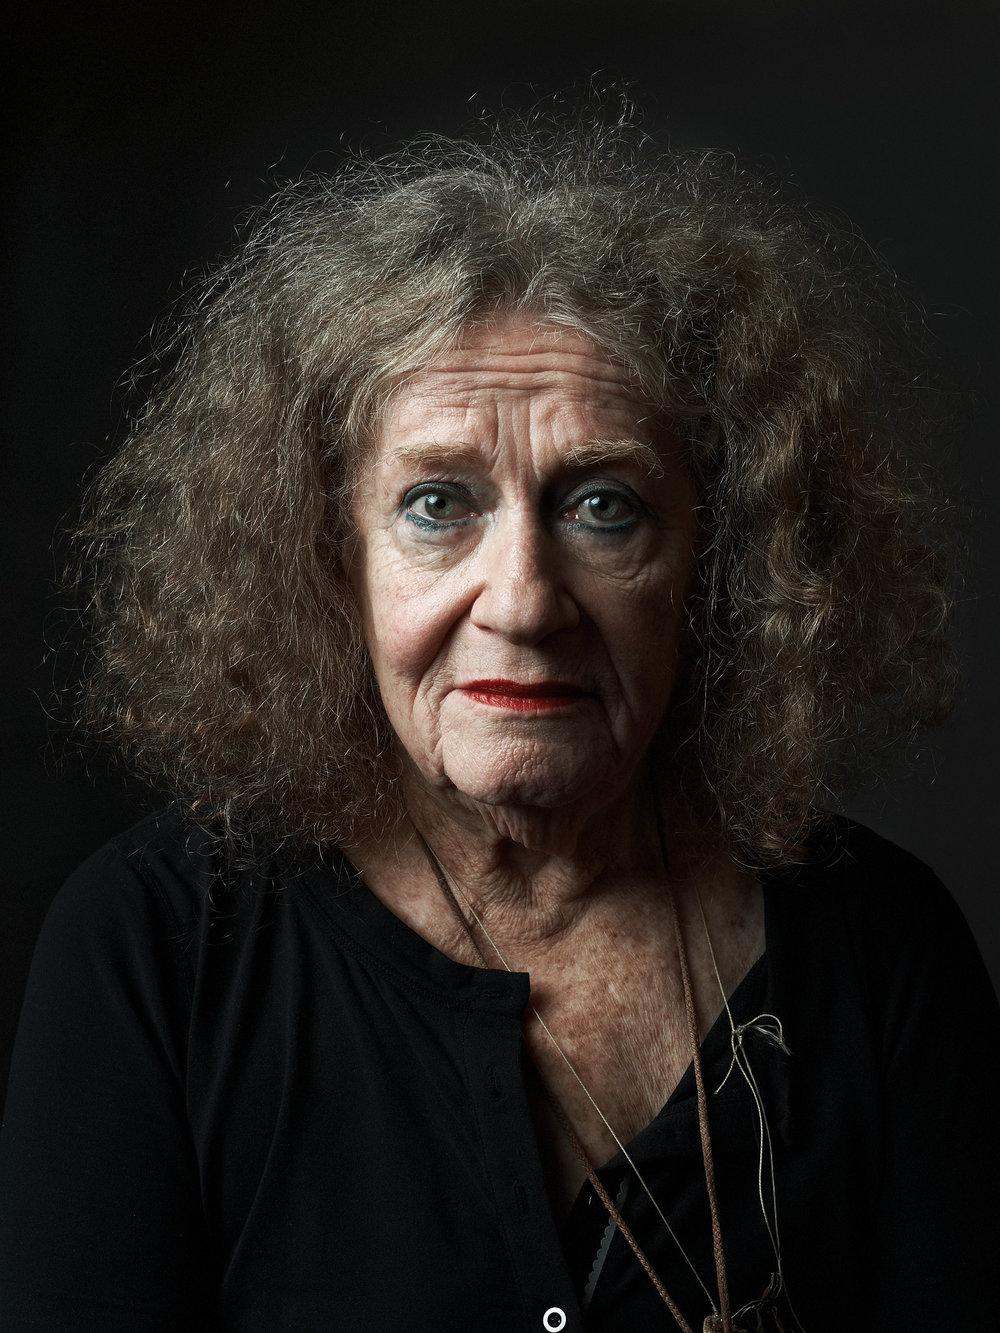 Lisl Steiner